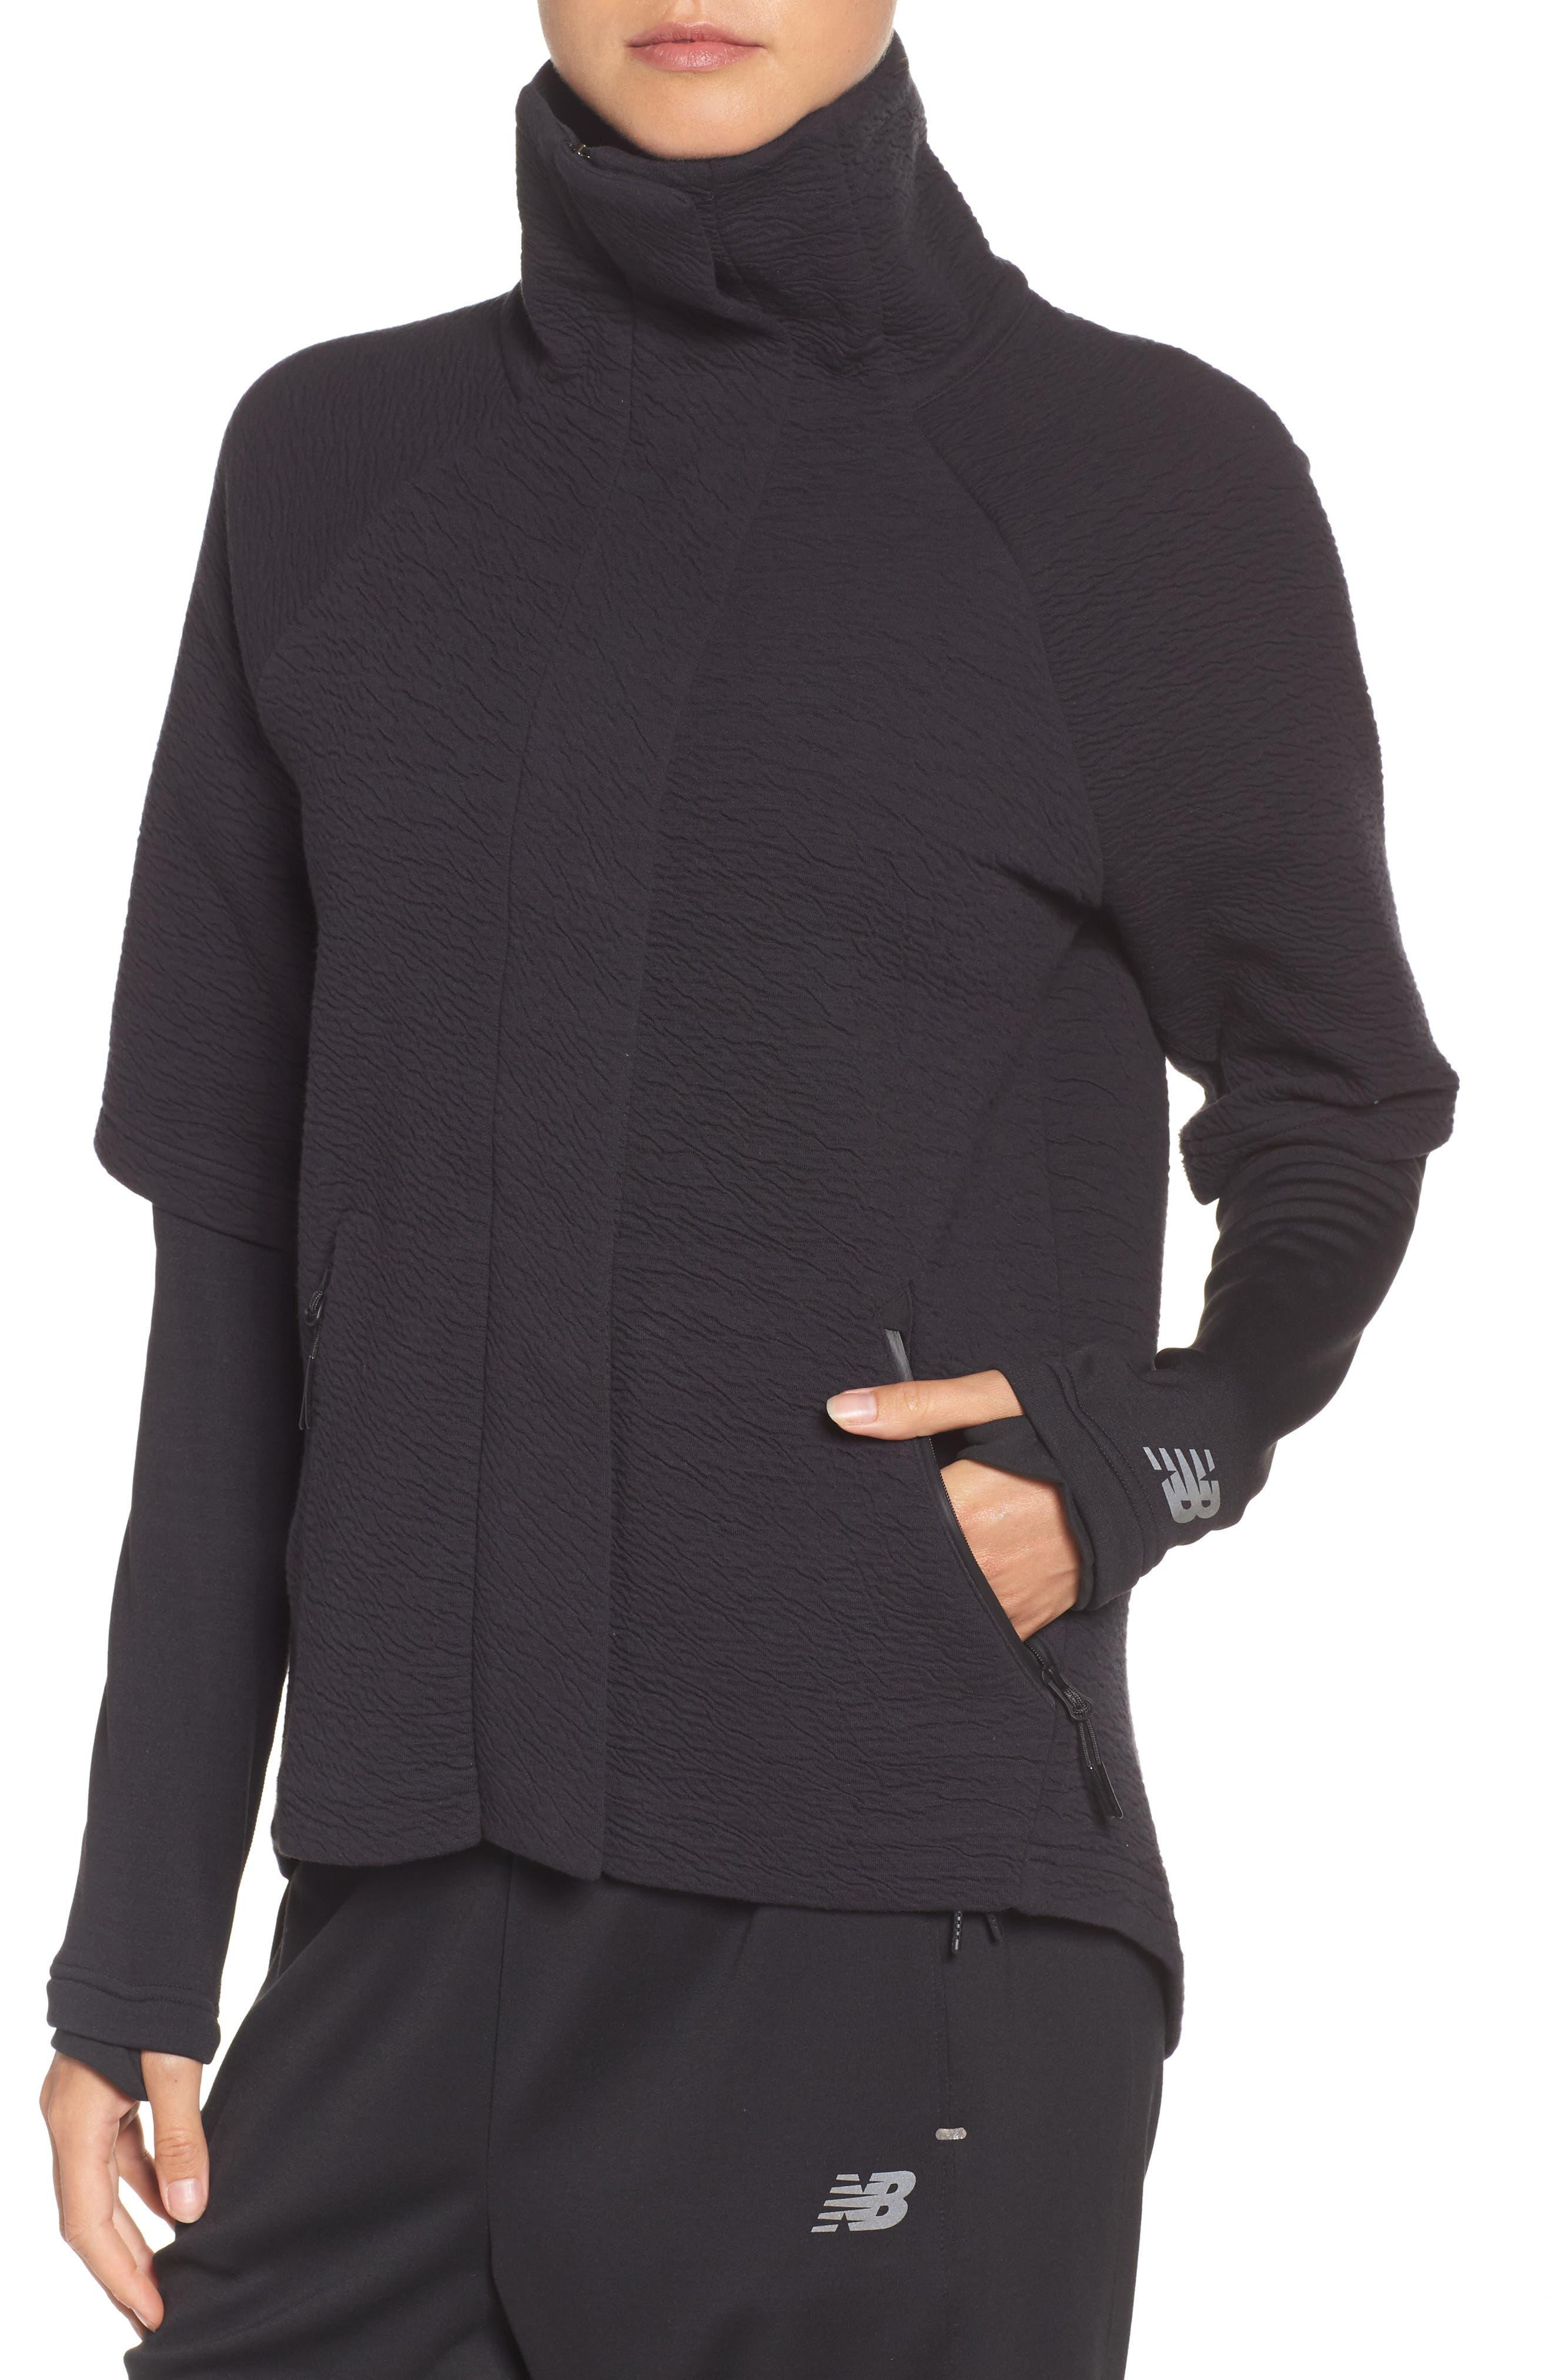 Heat Knit Drape Jacket,                             Alternate thumbnail 4, color,                             Bk